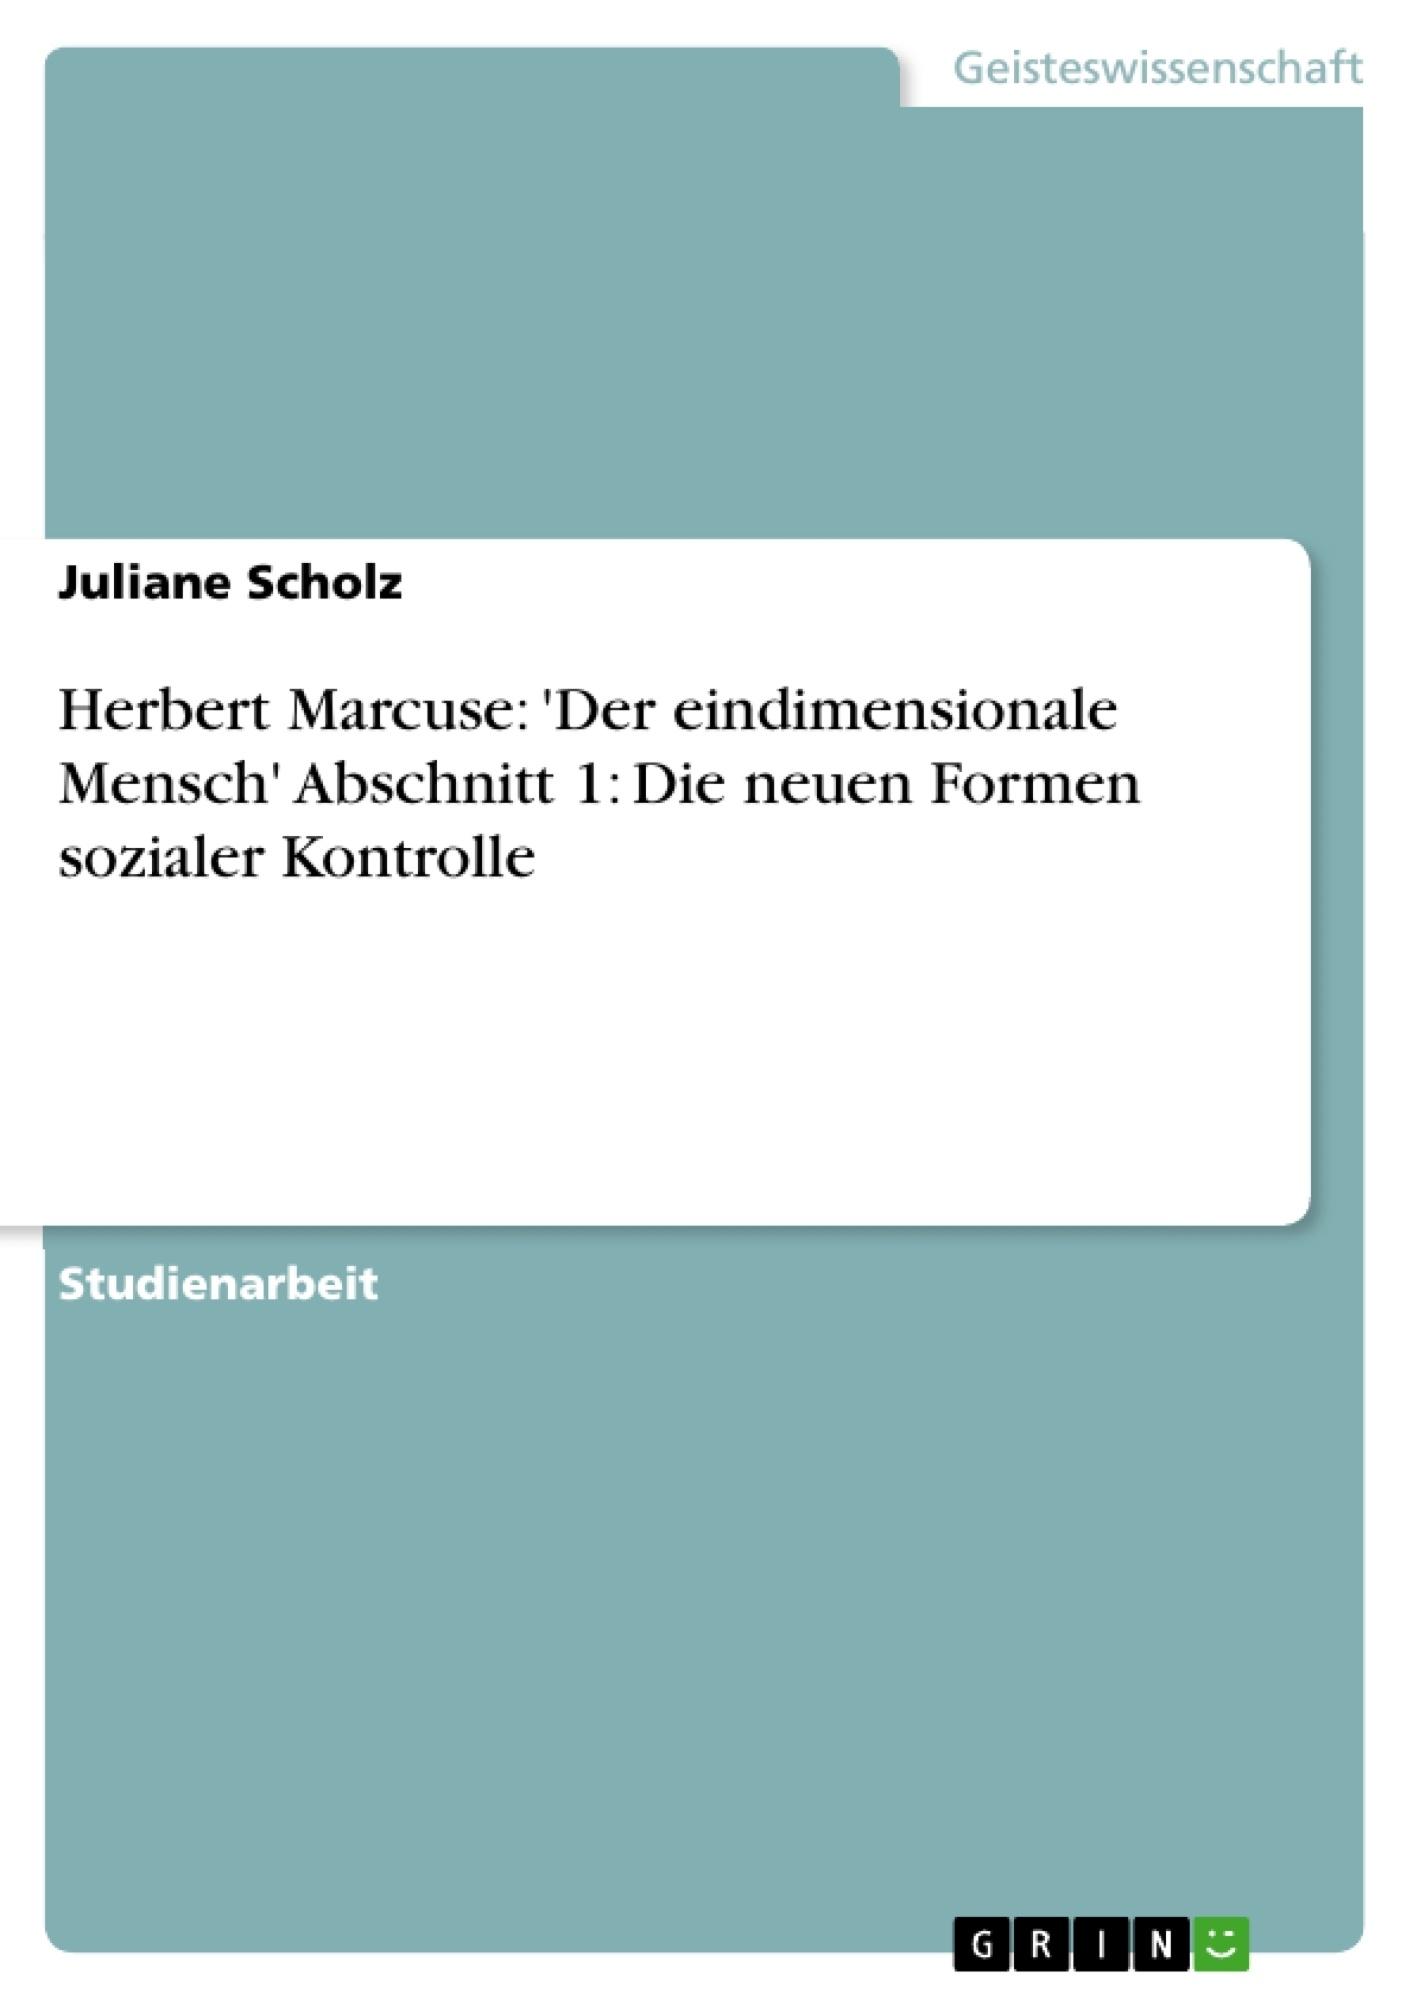 Titel: Herbert Marcuse: 'Der eindimensionale Mensch' Abschnitt 1: Die neuen Formen sozialer Kontrolle